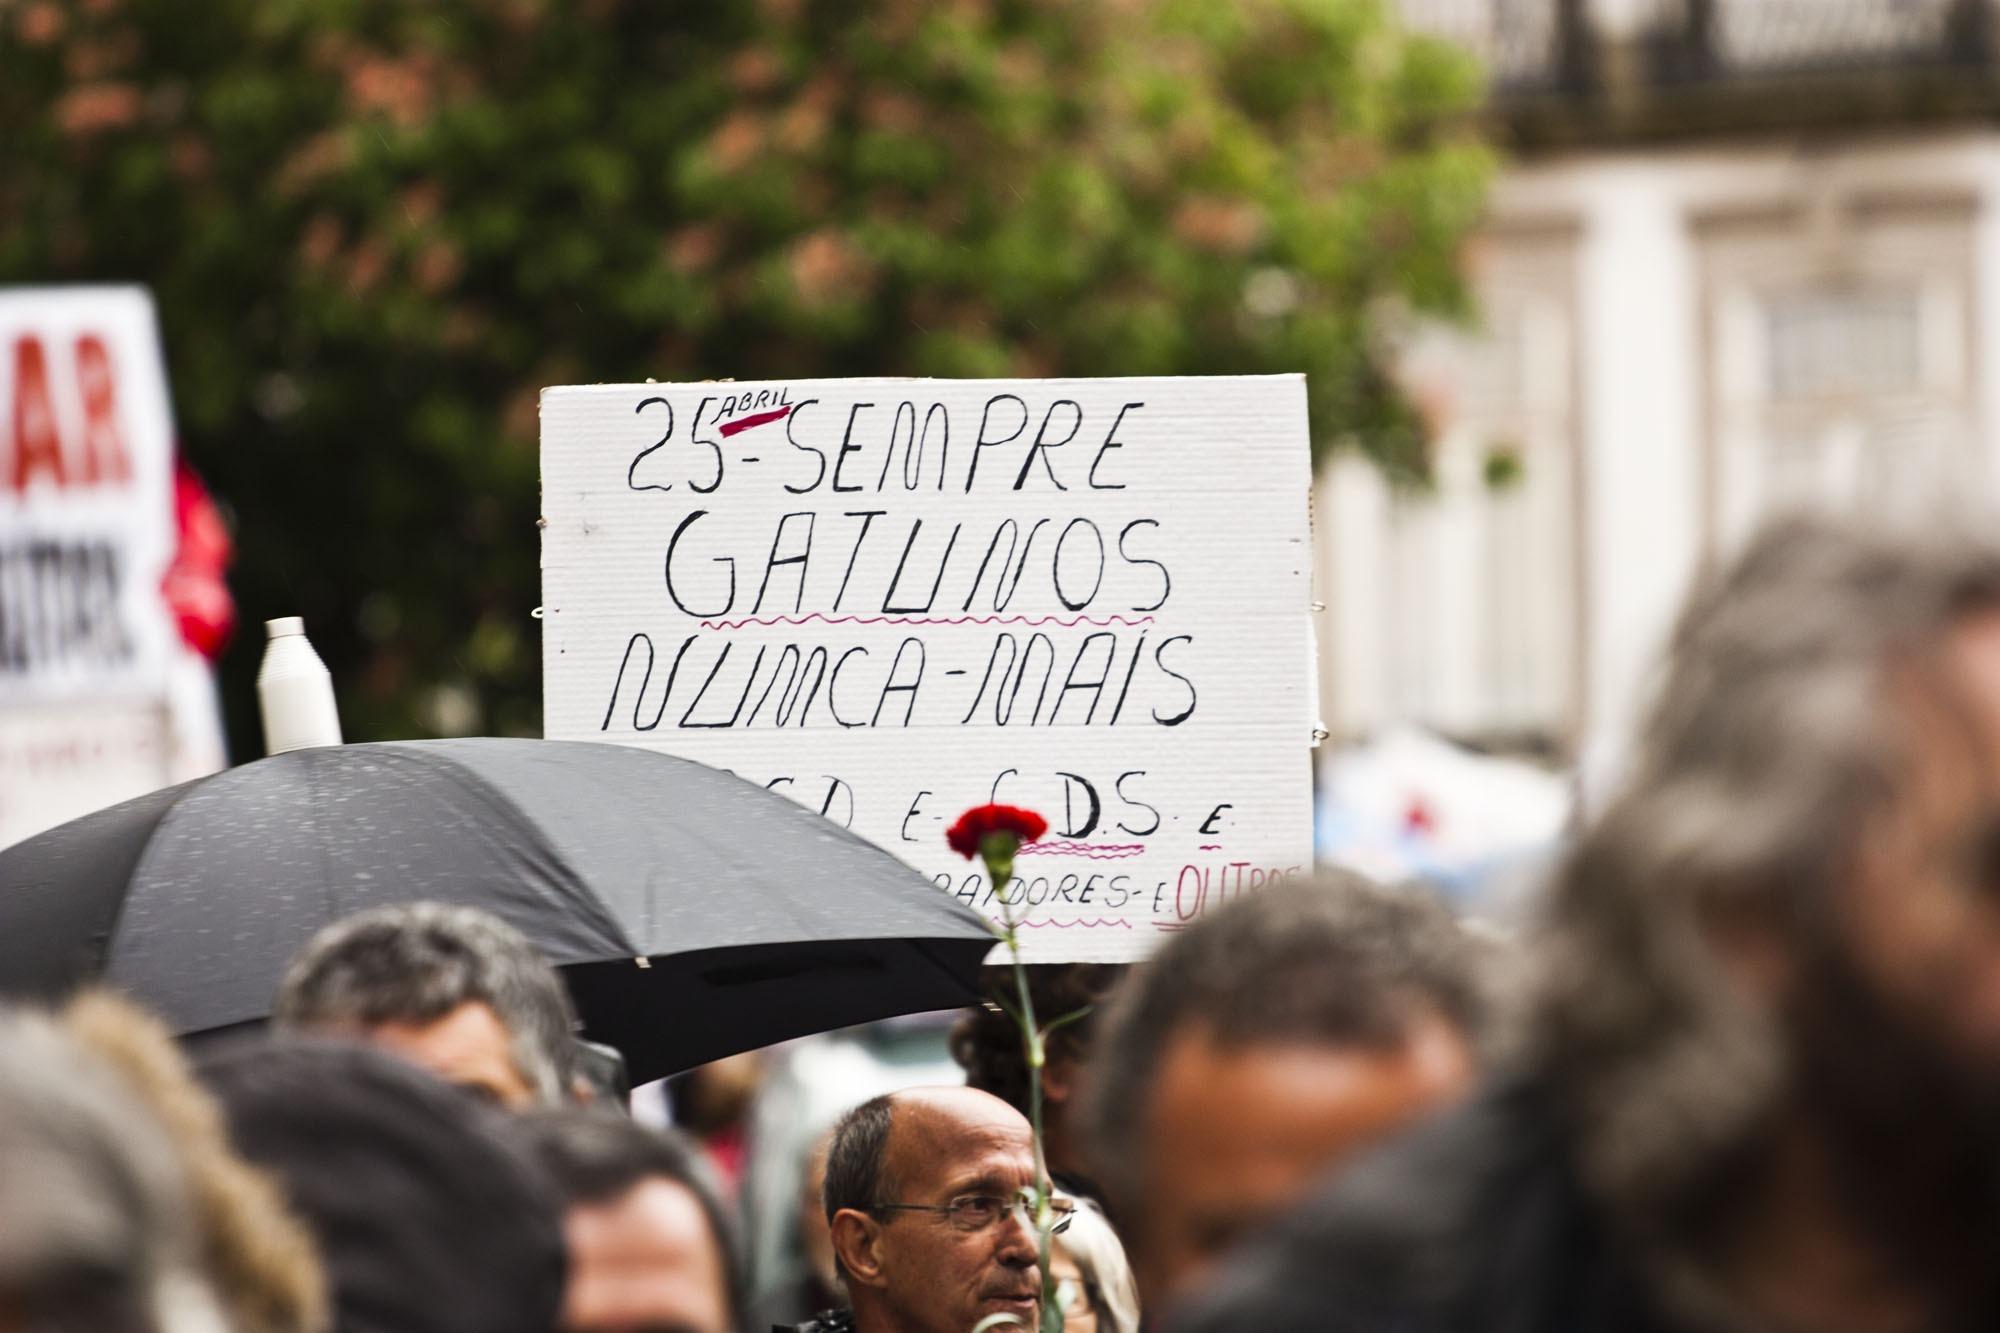 Foto: Luís Coelho